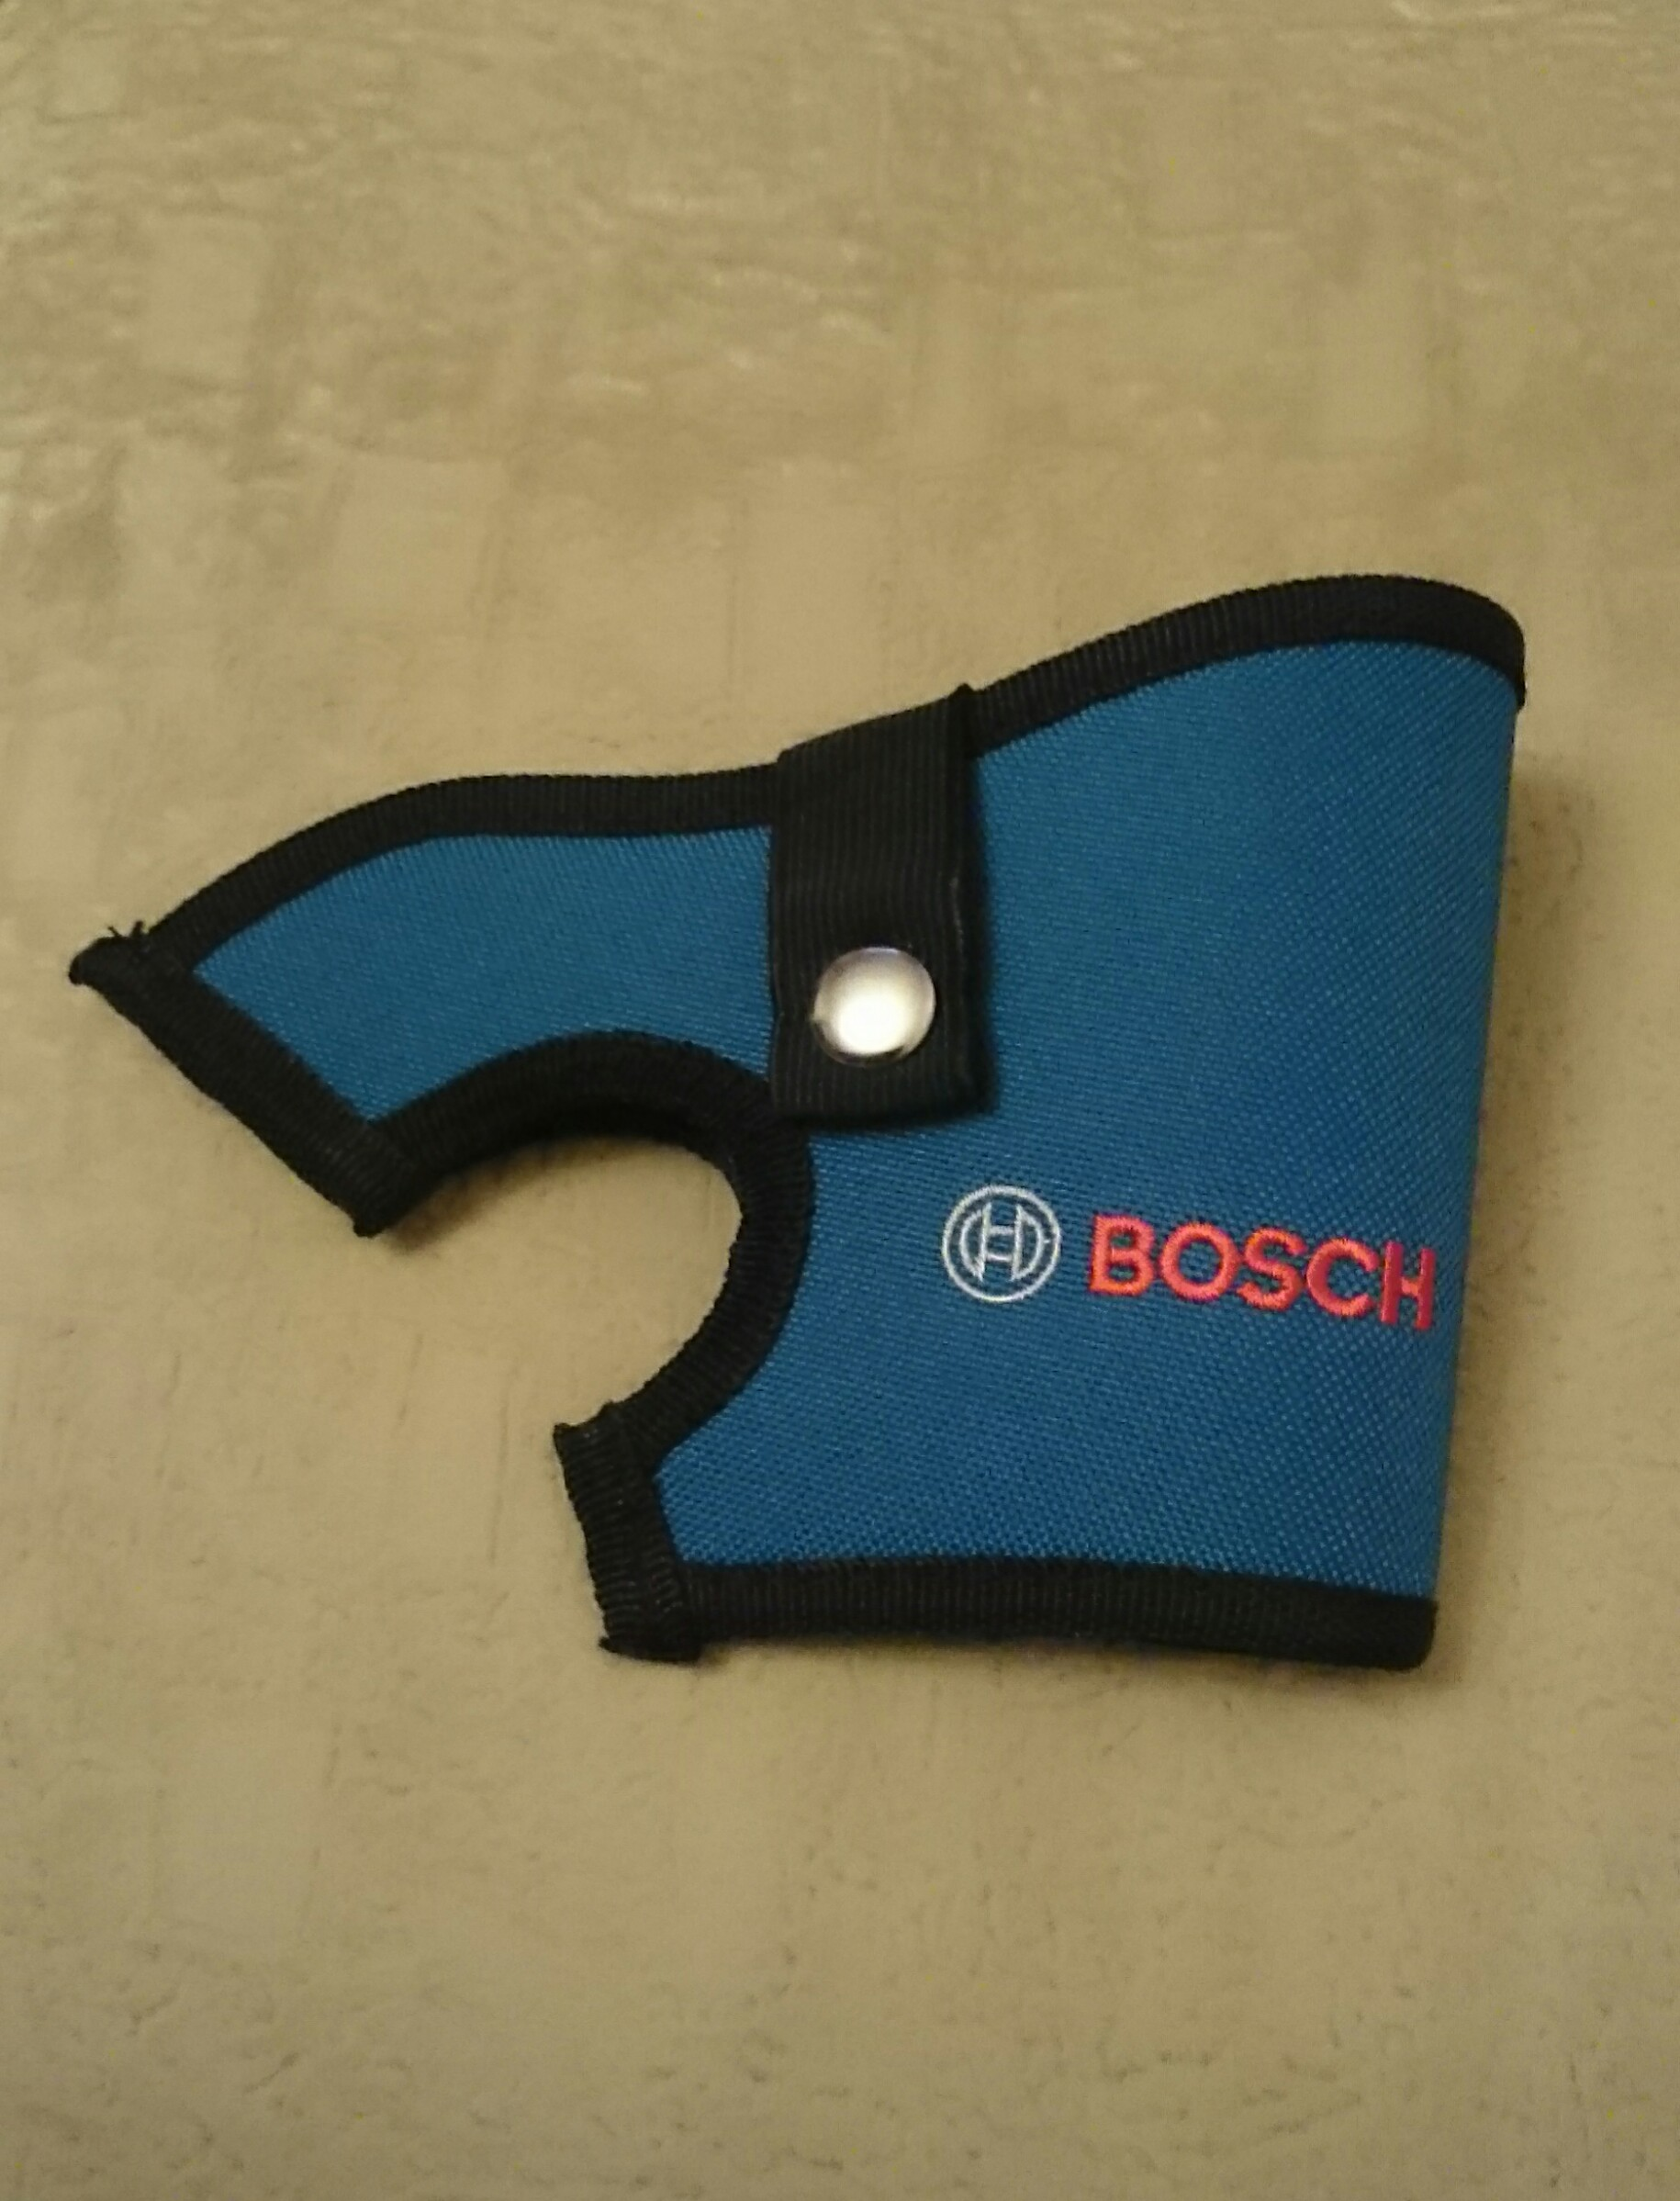 Продам Кобура для шуруповерта Bosch